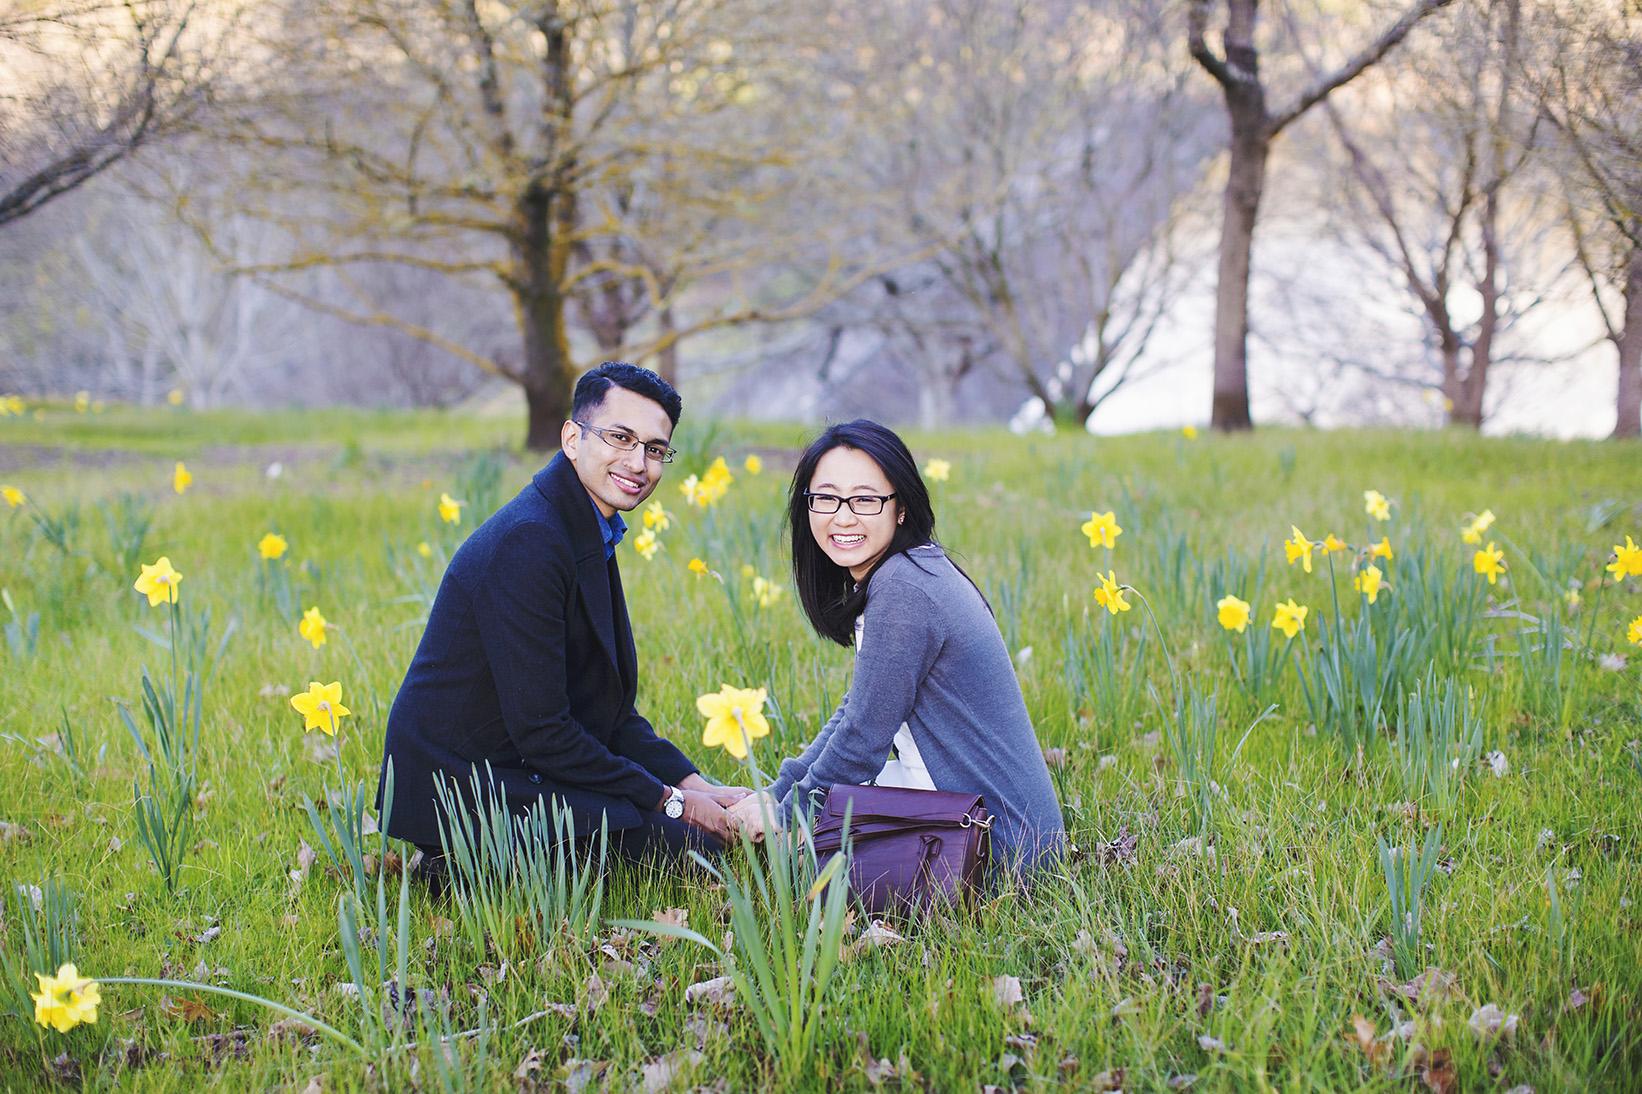 Garden Engagement Session 14.jpg